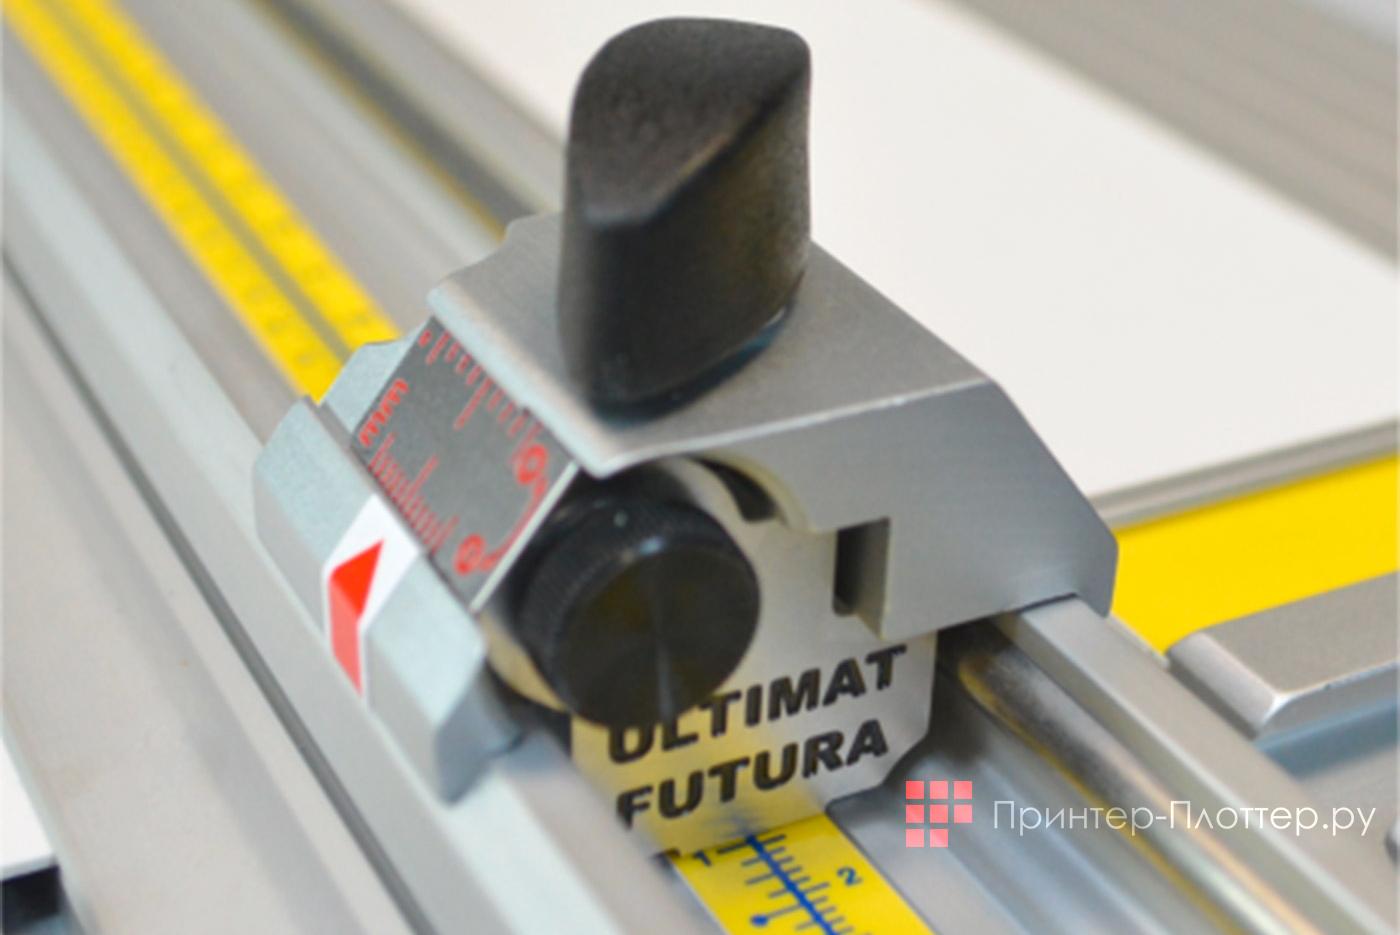 Keencut Ultimat Futura. Уникальные запатентованные регуляторы микроограничителей